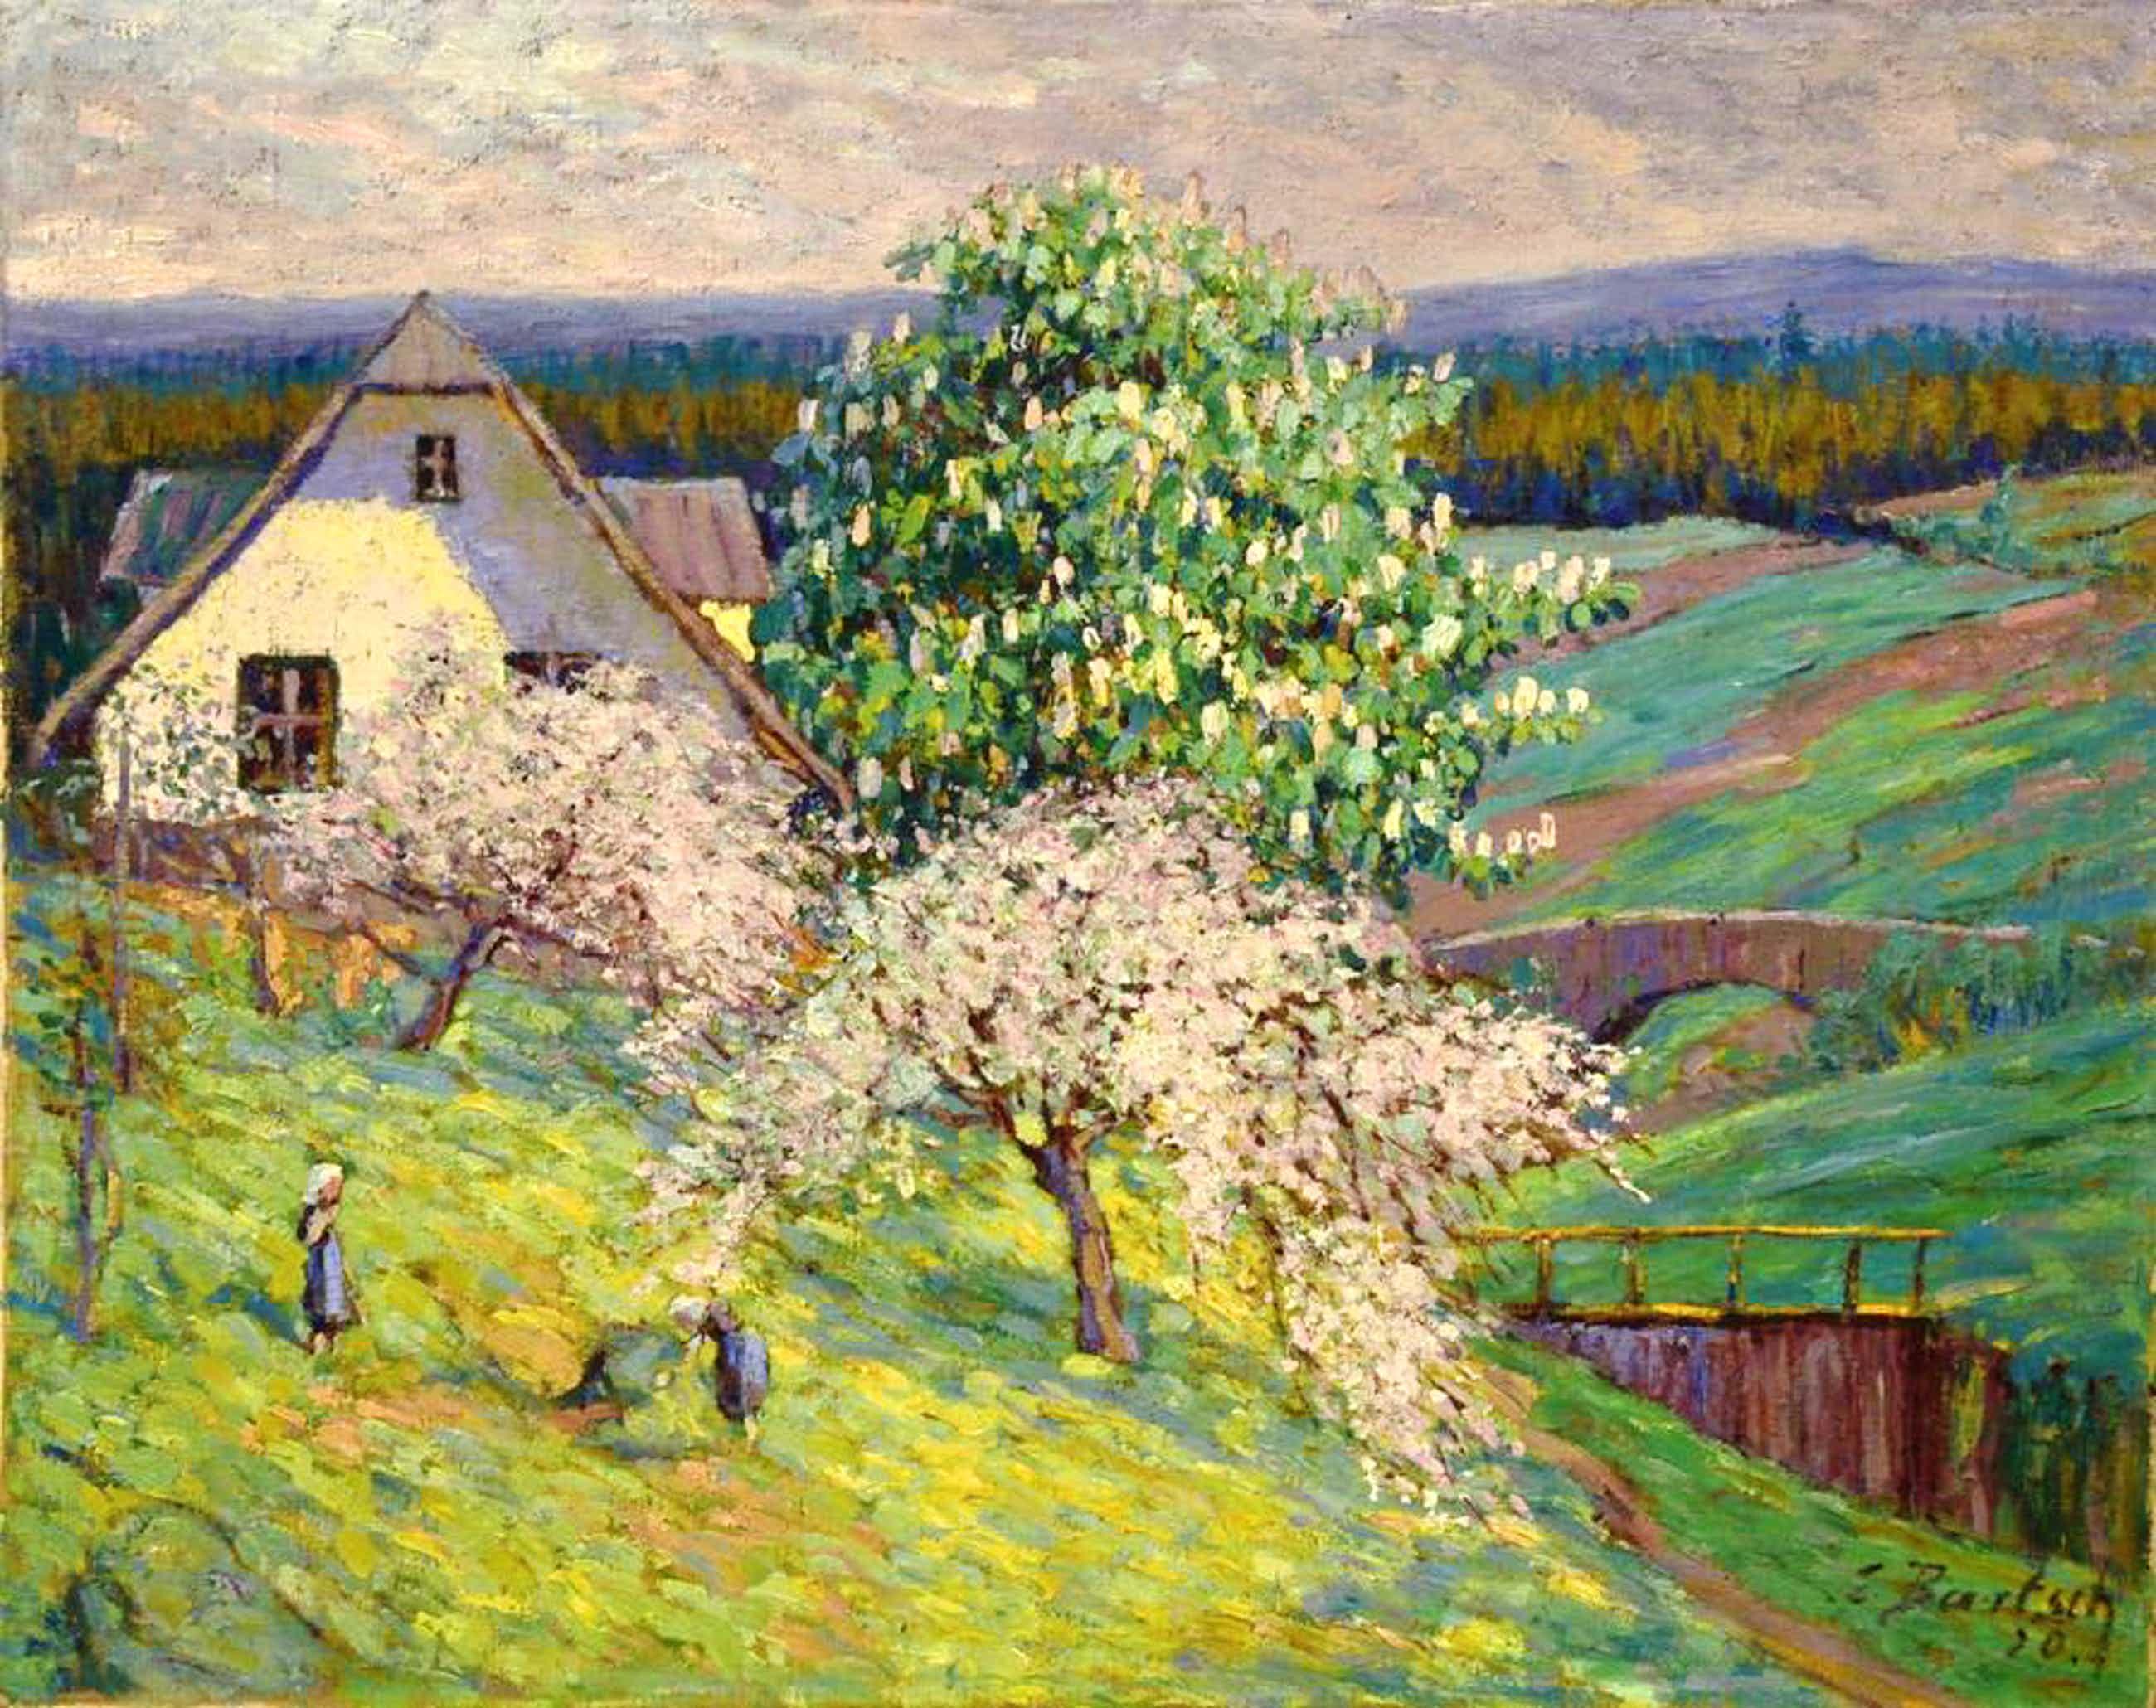 Ernst Bartsch - Blühende Apfelbäume, 1920 kopen? Bied vanaf 550!